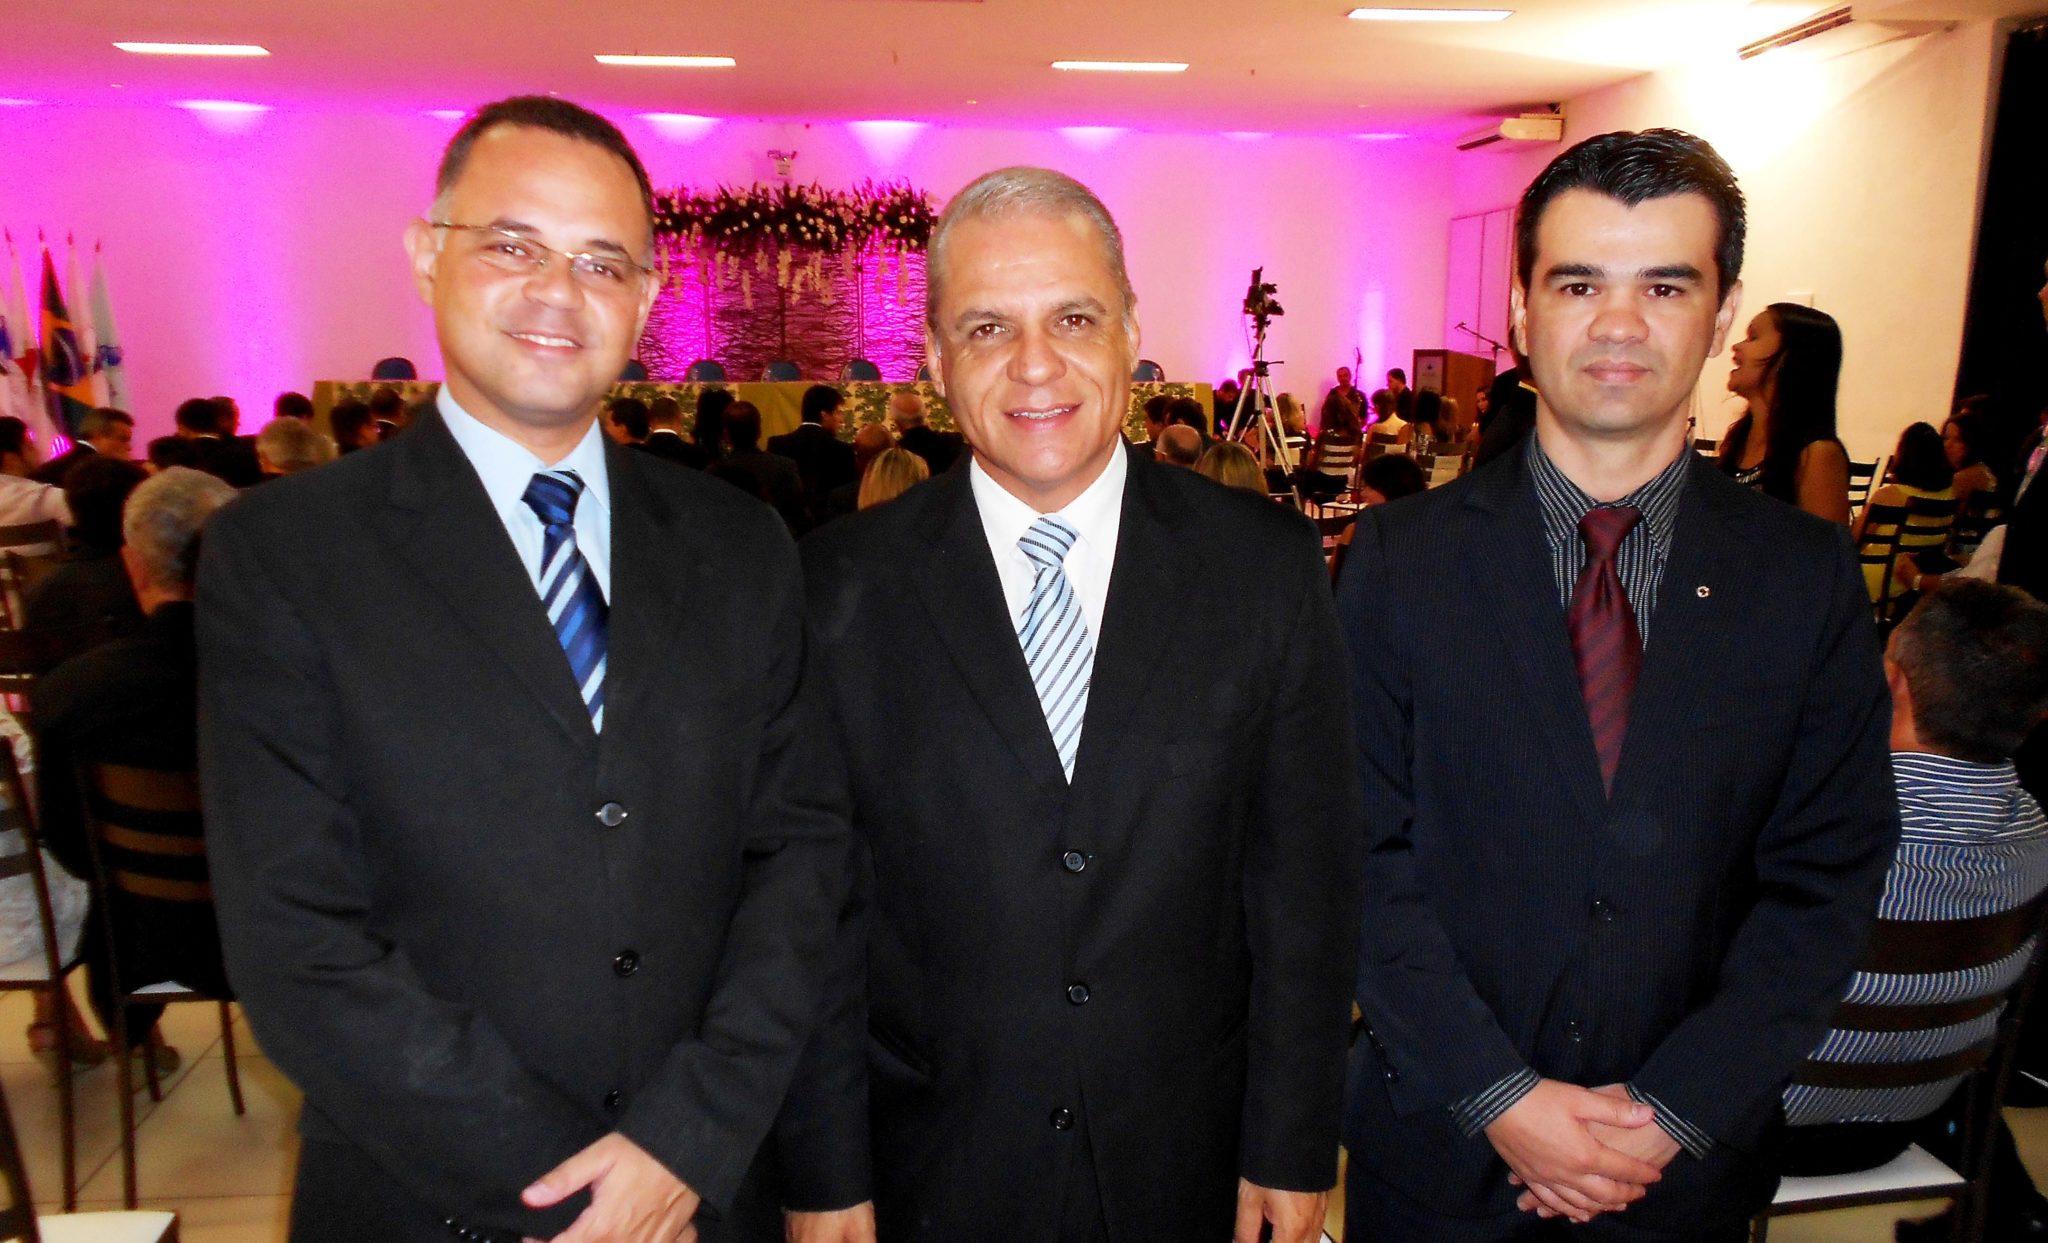 O vereador fabricianense Marcos da Luz, o cerimonialista Carlos Souto e o jornalista Wederson Marinho, que assume a presidência do Lions Cibernético Empresarial